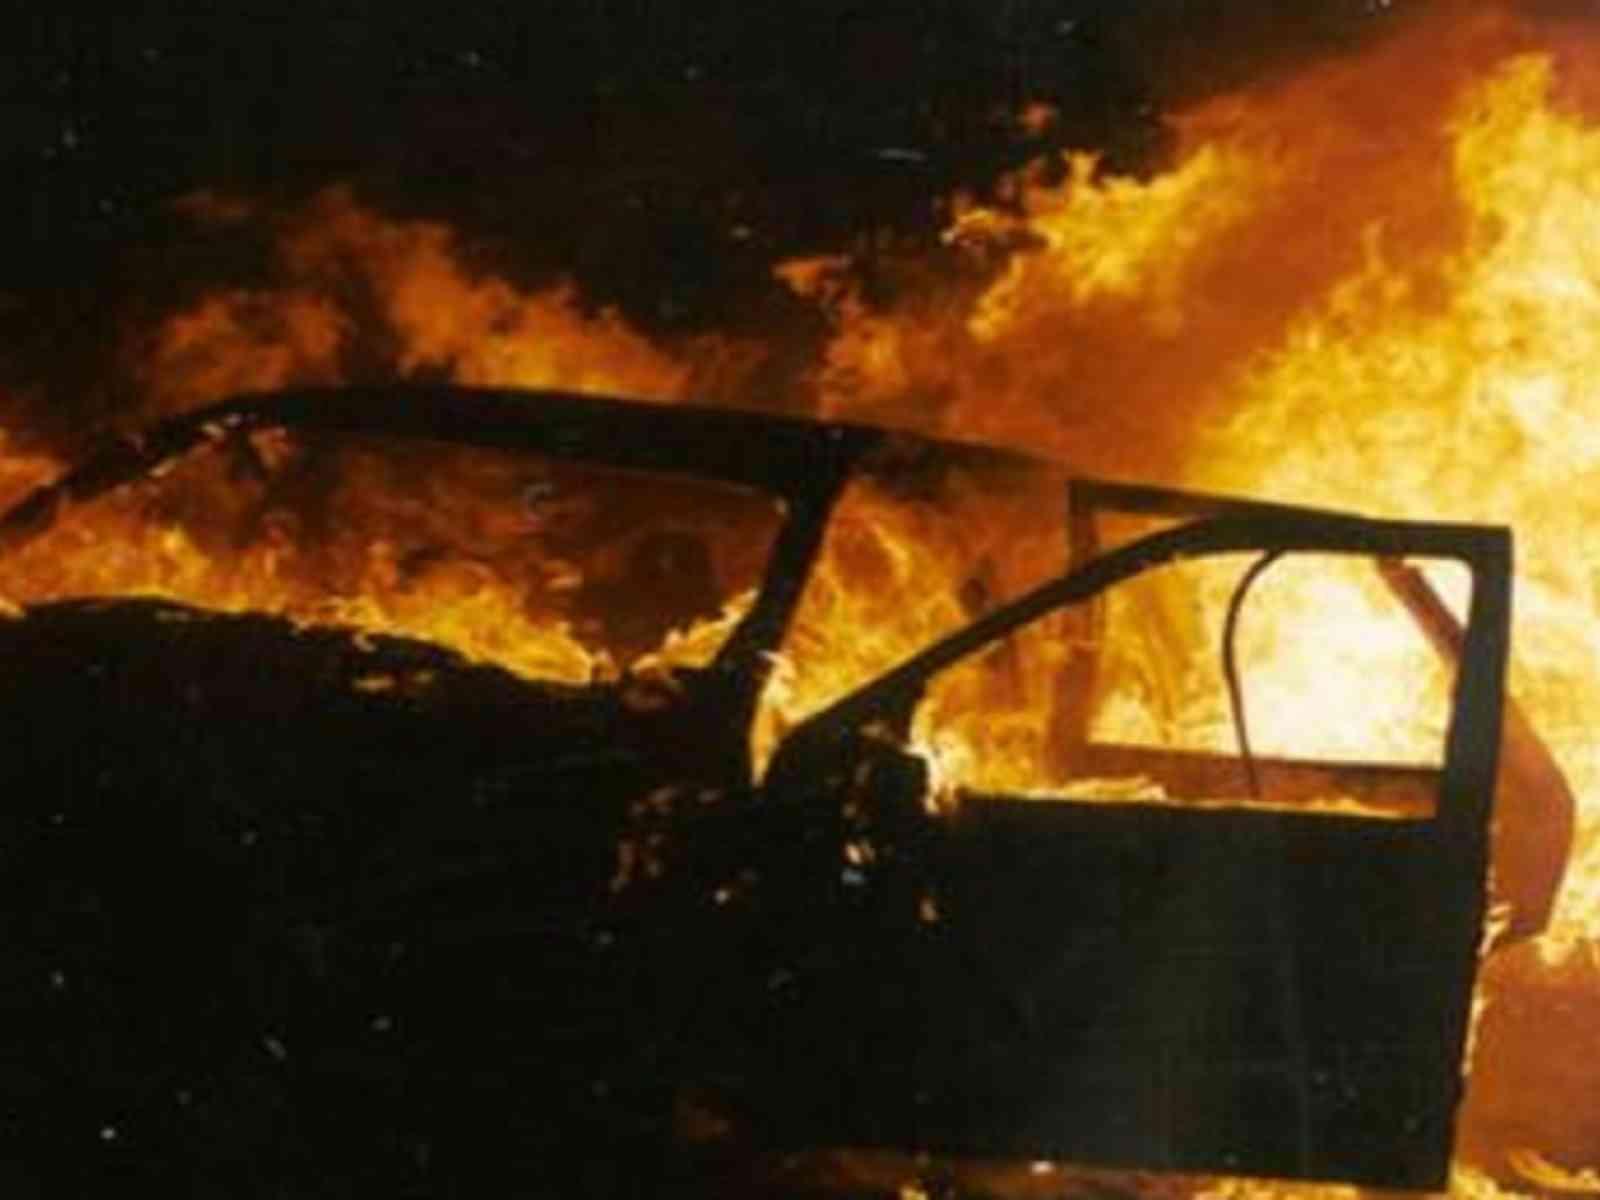 Immagine articolo: Atto indimidatorio nei confronti di un Assessore, bruciata la sua auto: la dura replica del Sindaco Valenti